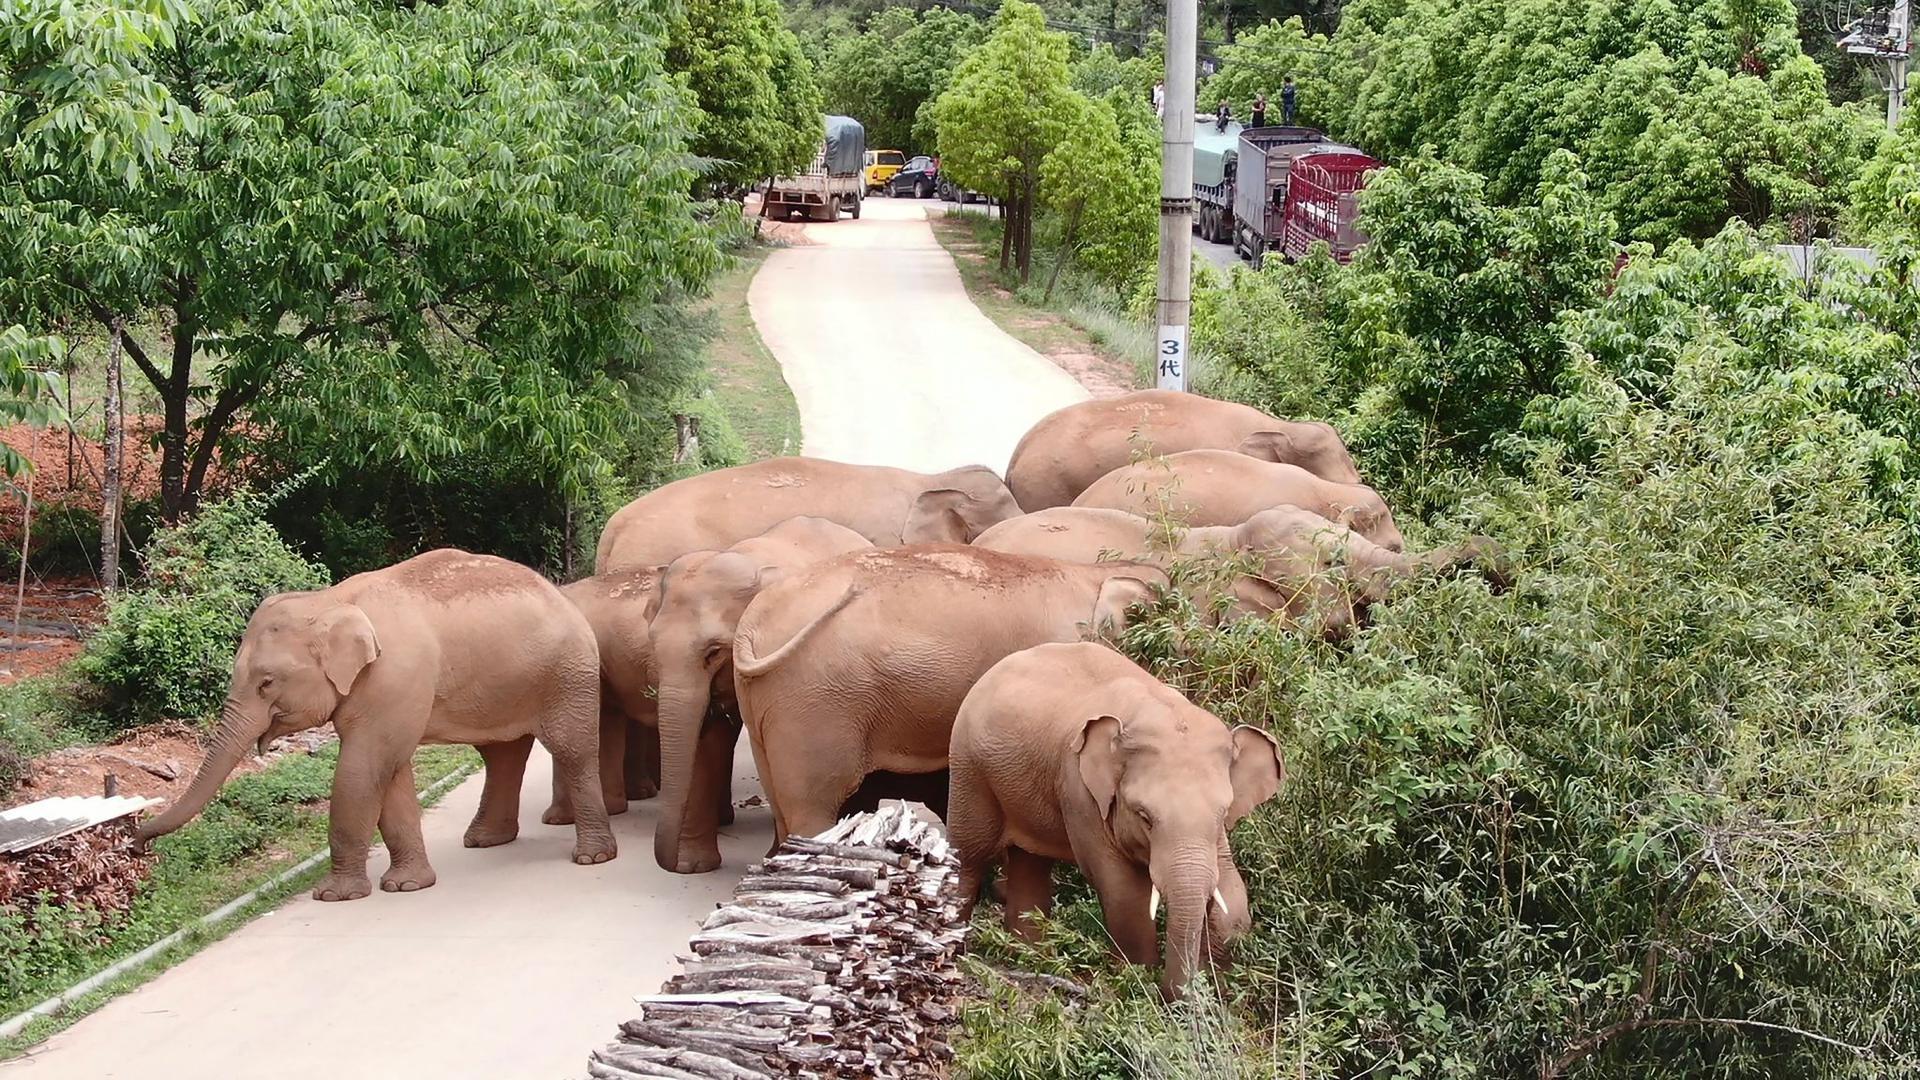 Die wandernde Elefantenherde weidet in einem Bezirk der Stadt Kunming im Südwesten der chinesischen Provinz Yunnan.